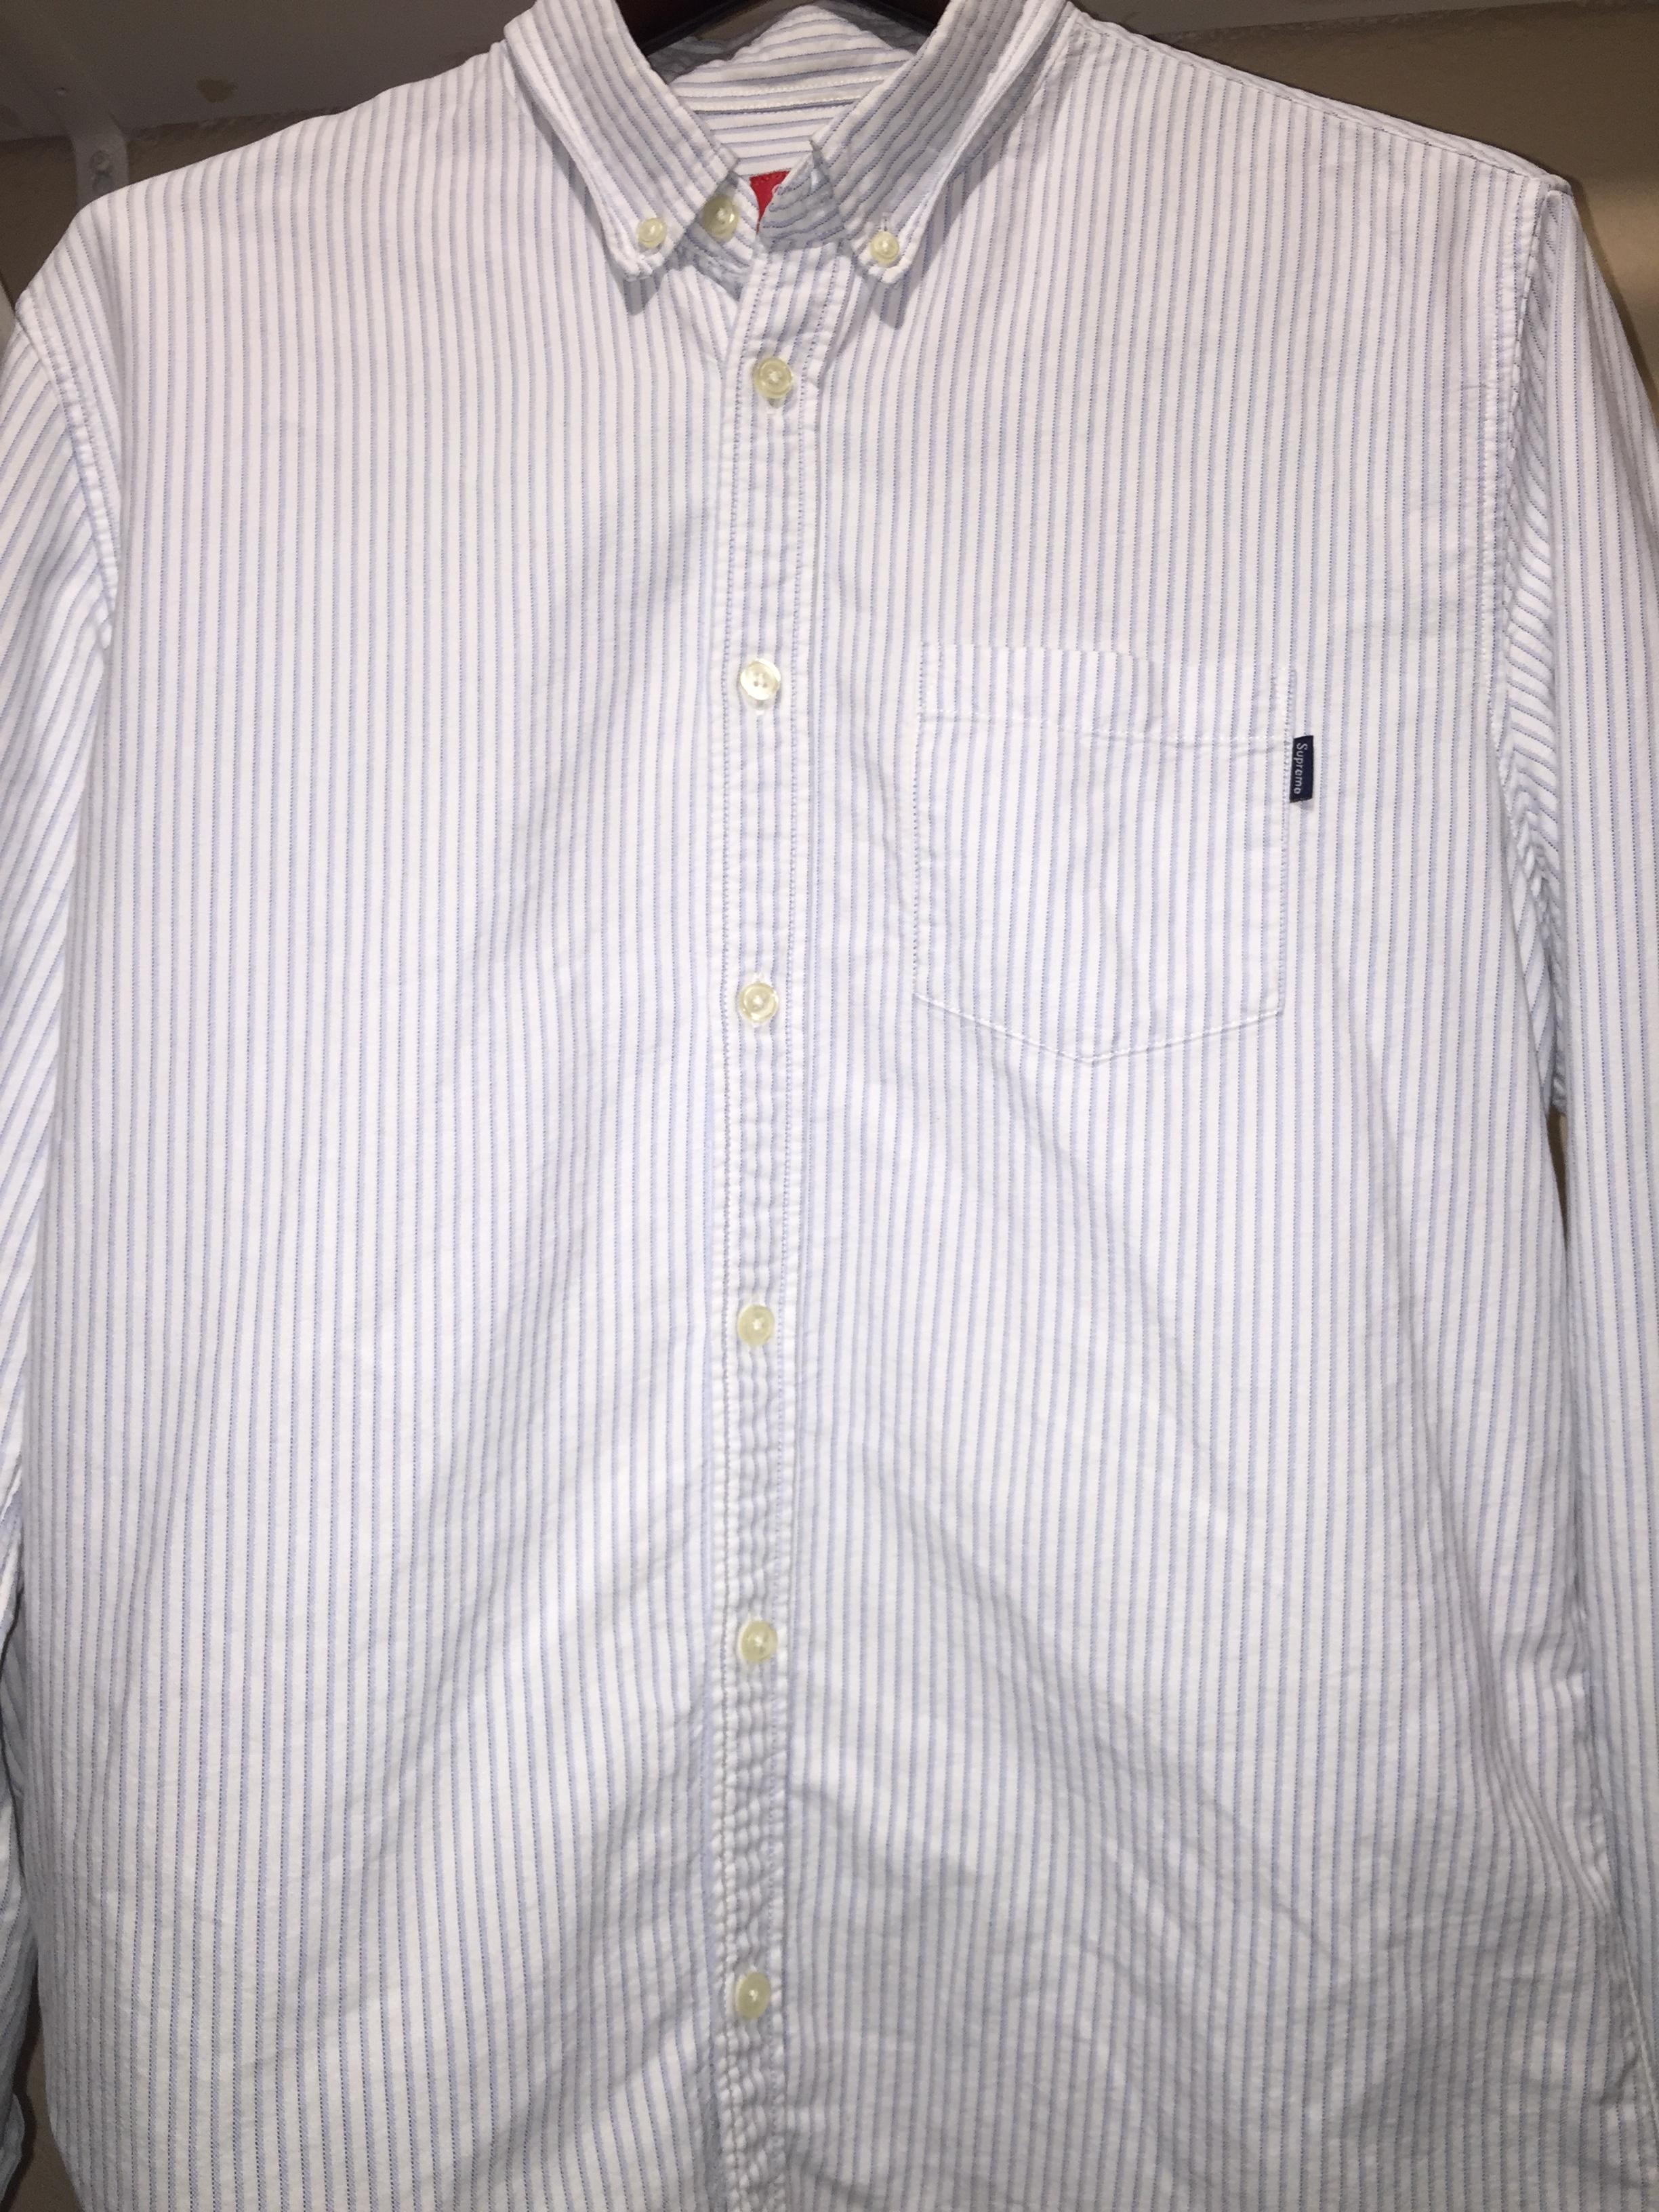 083995f98f0655 Supreme Supreme Oxford Shirt L | Grailed